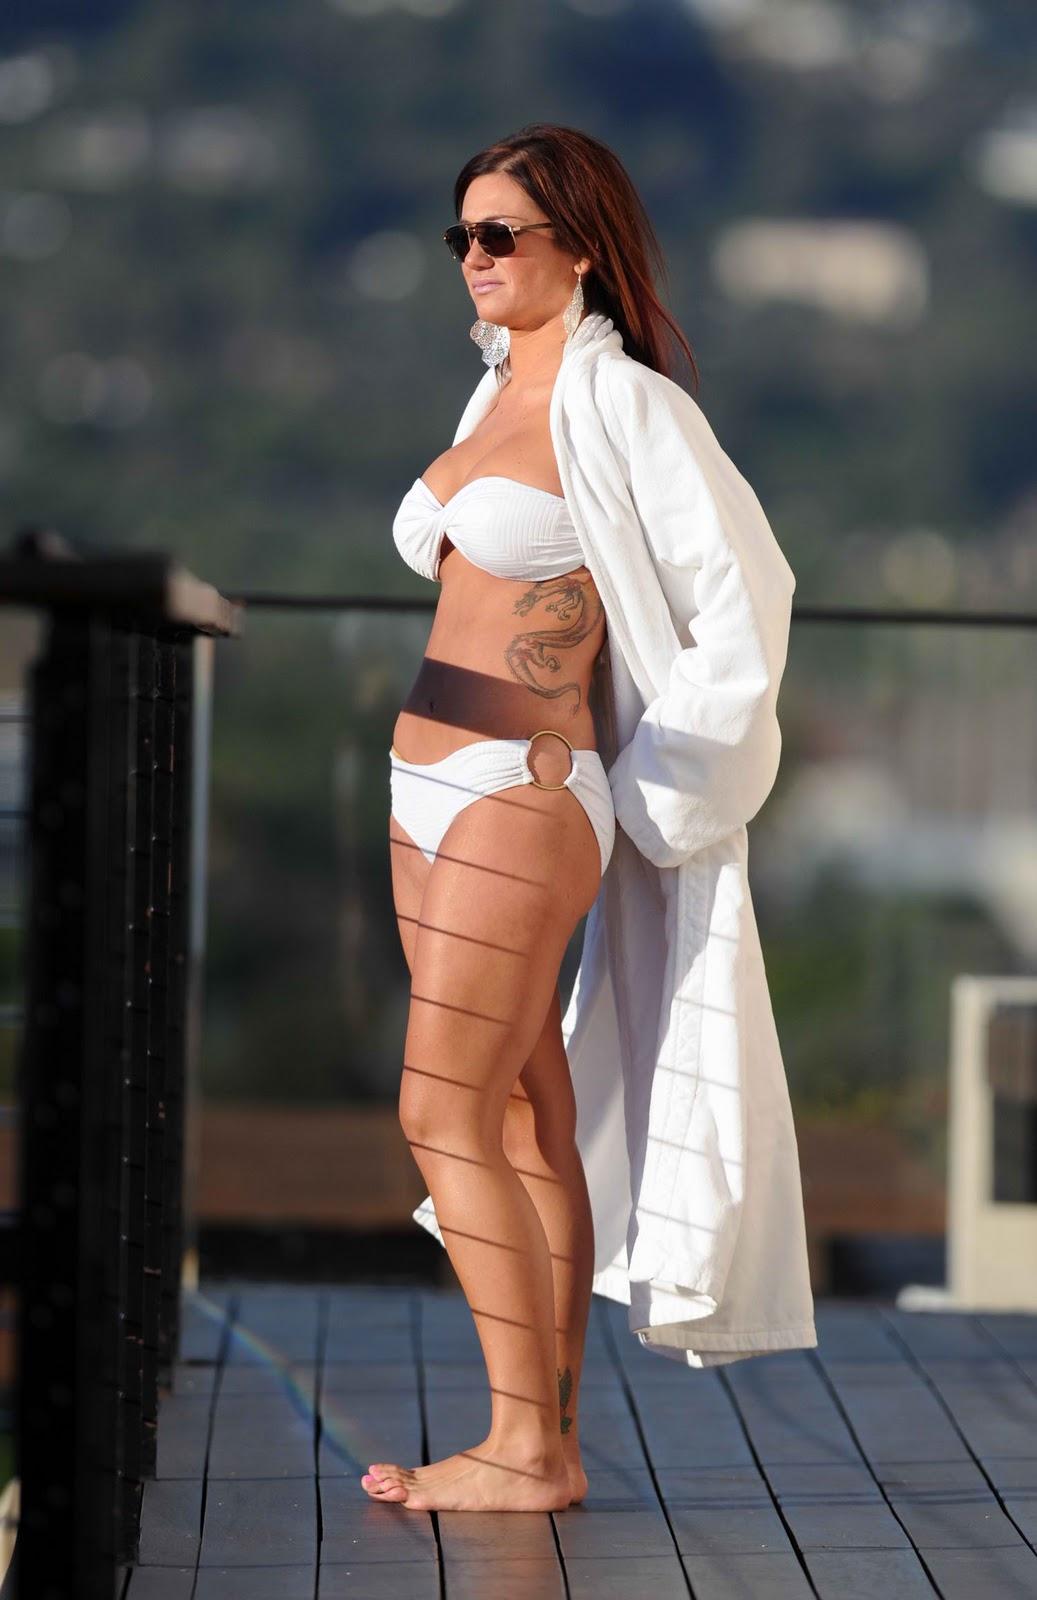 Kellie peckler bikini